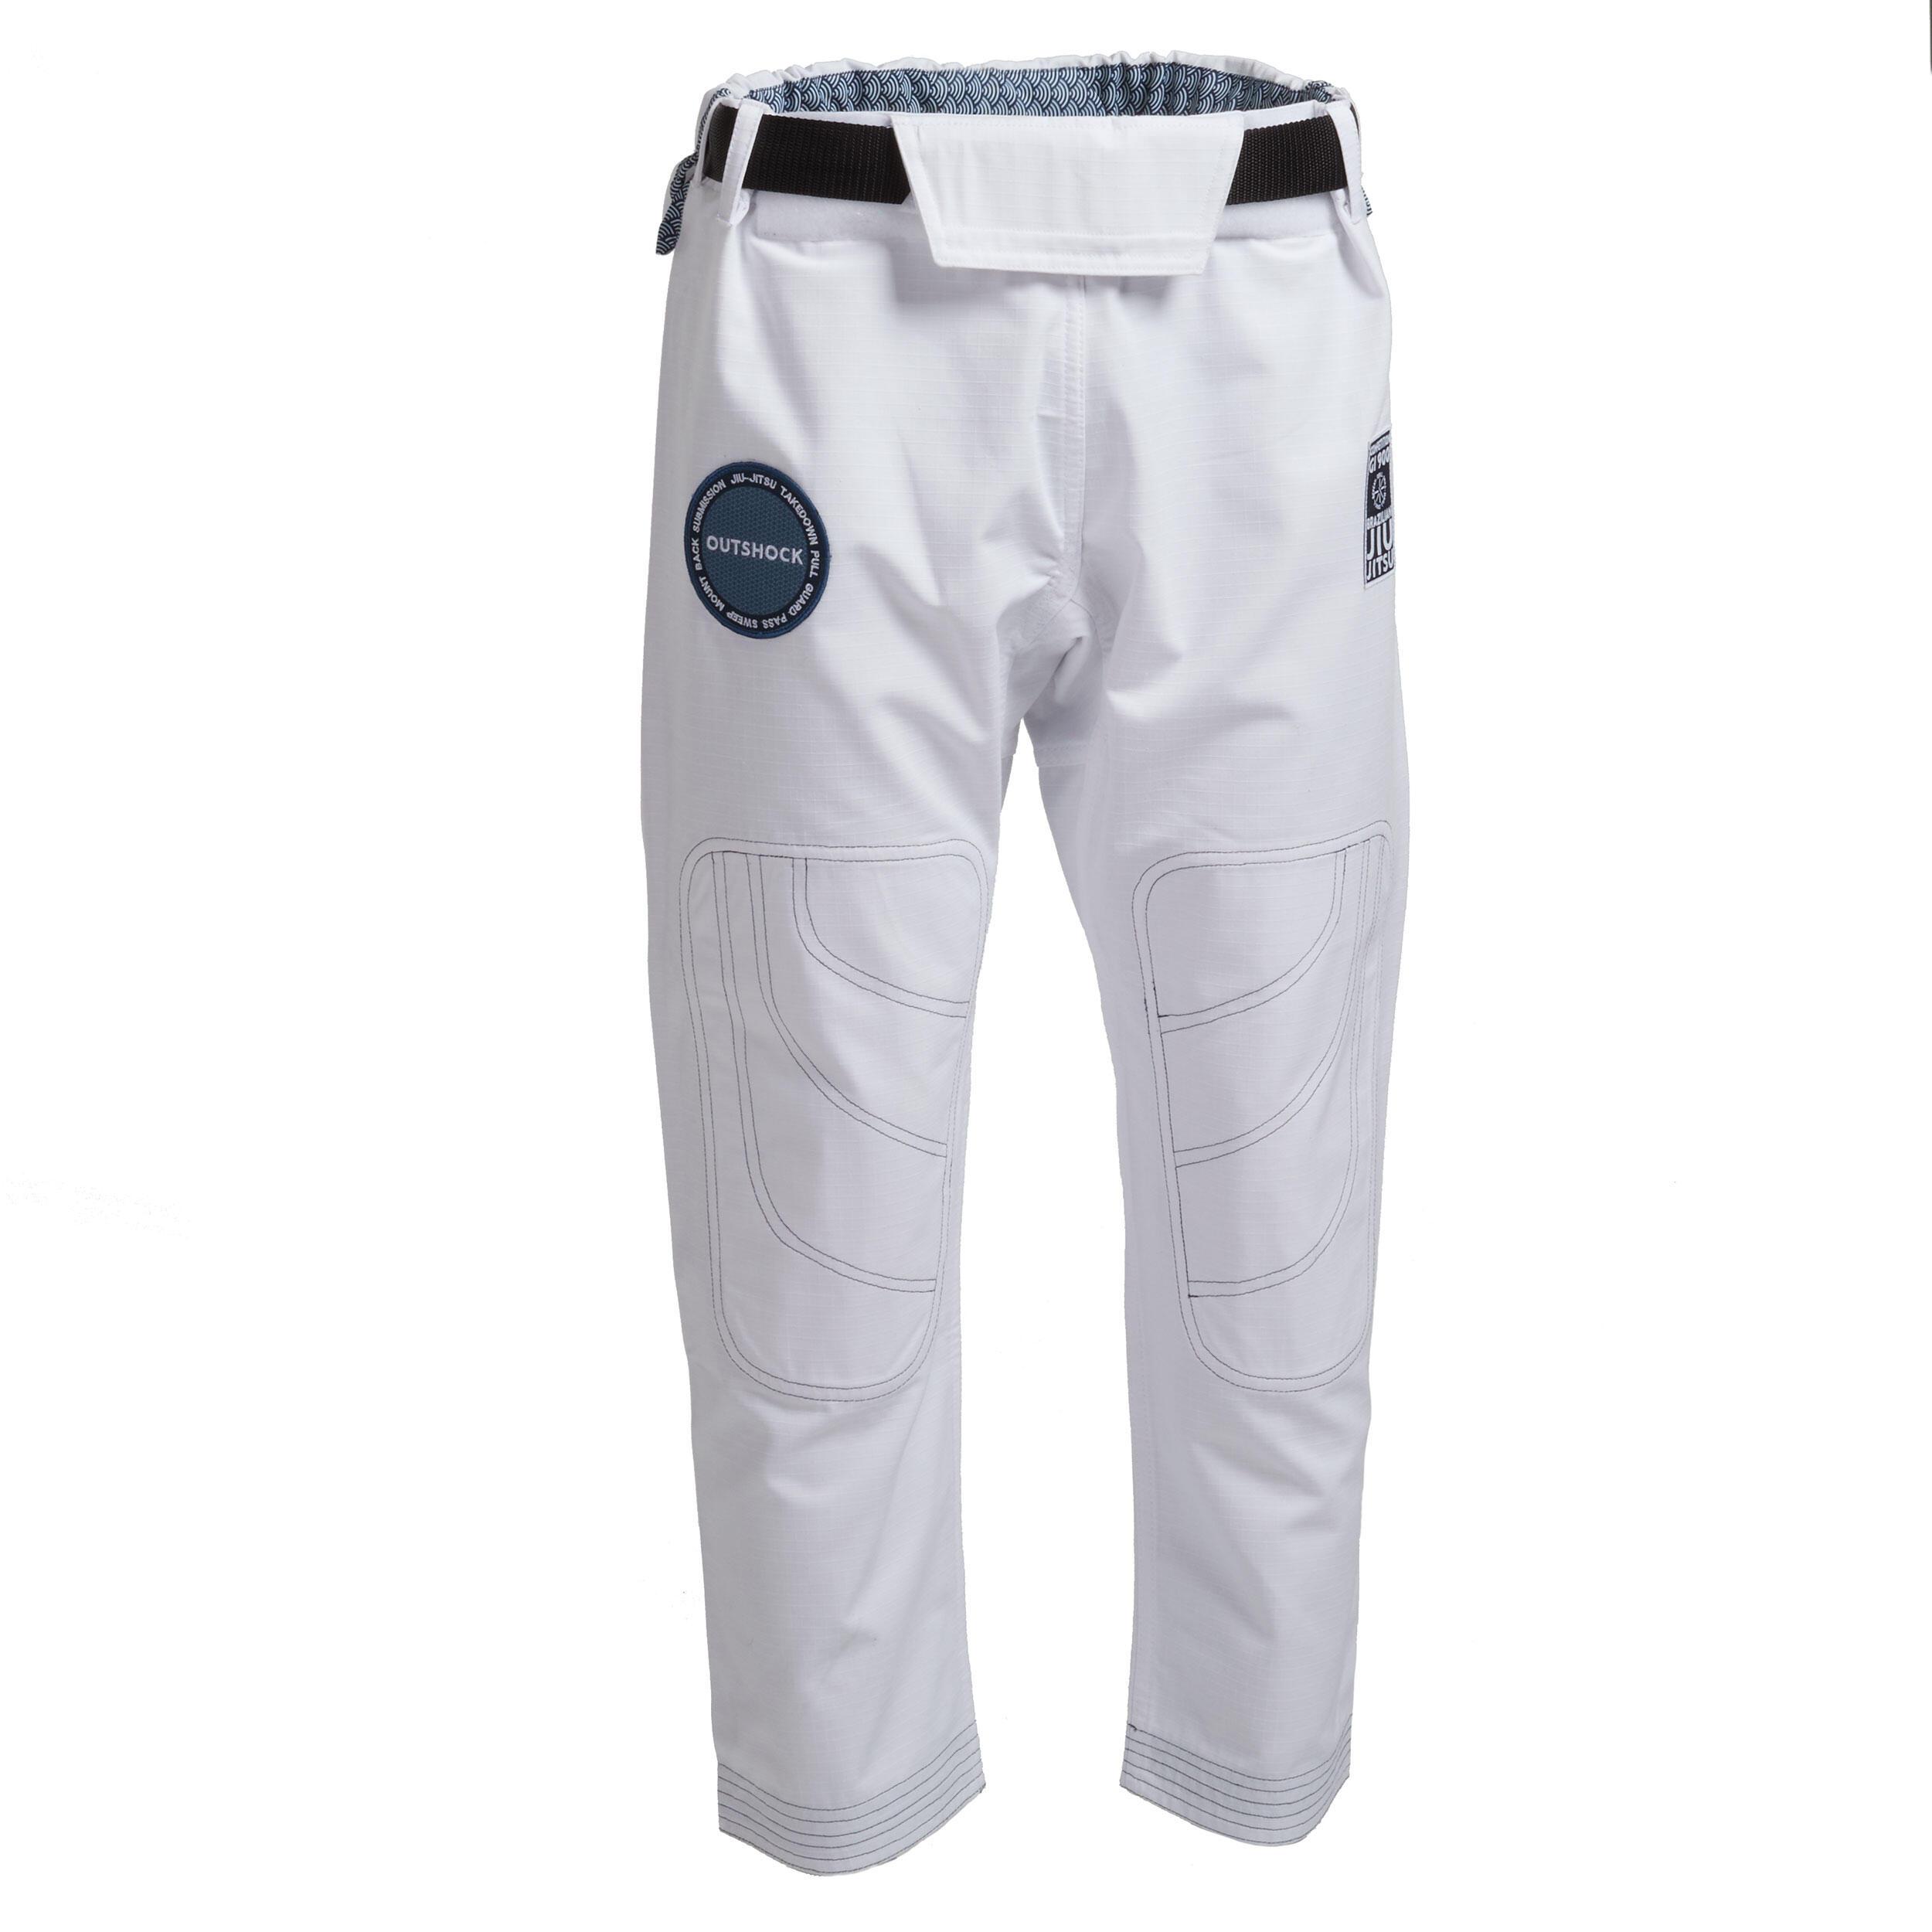 Pantalon JJB 900 Alb imagine